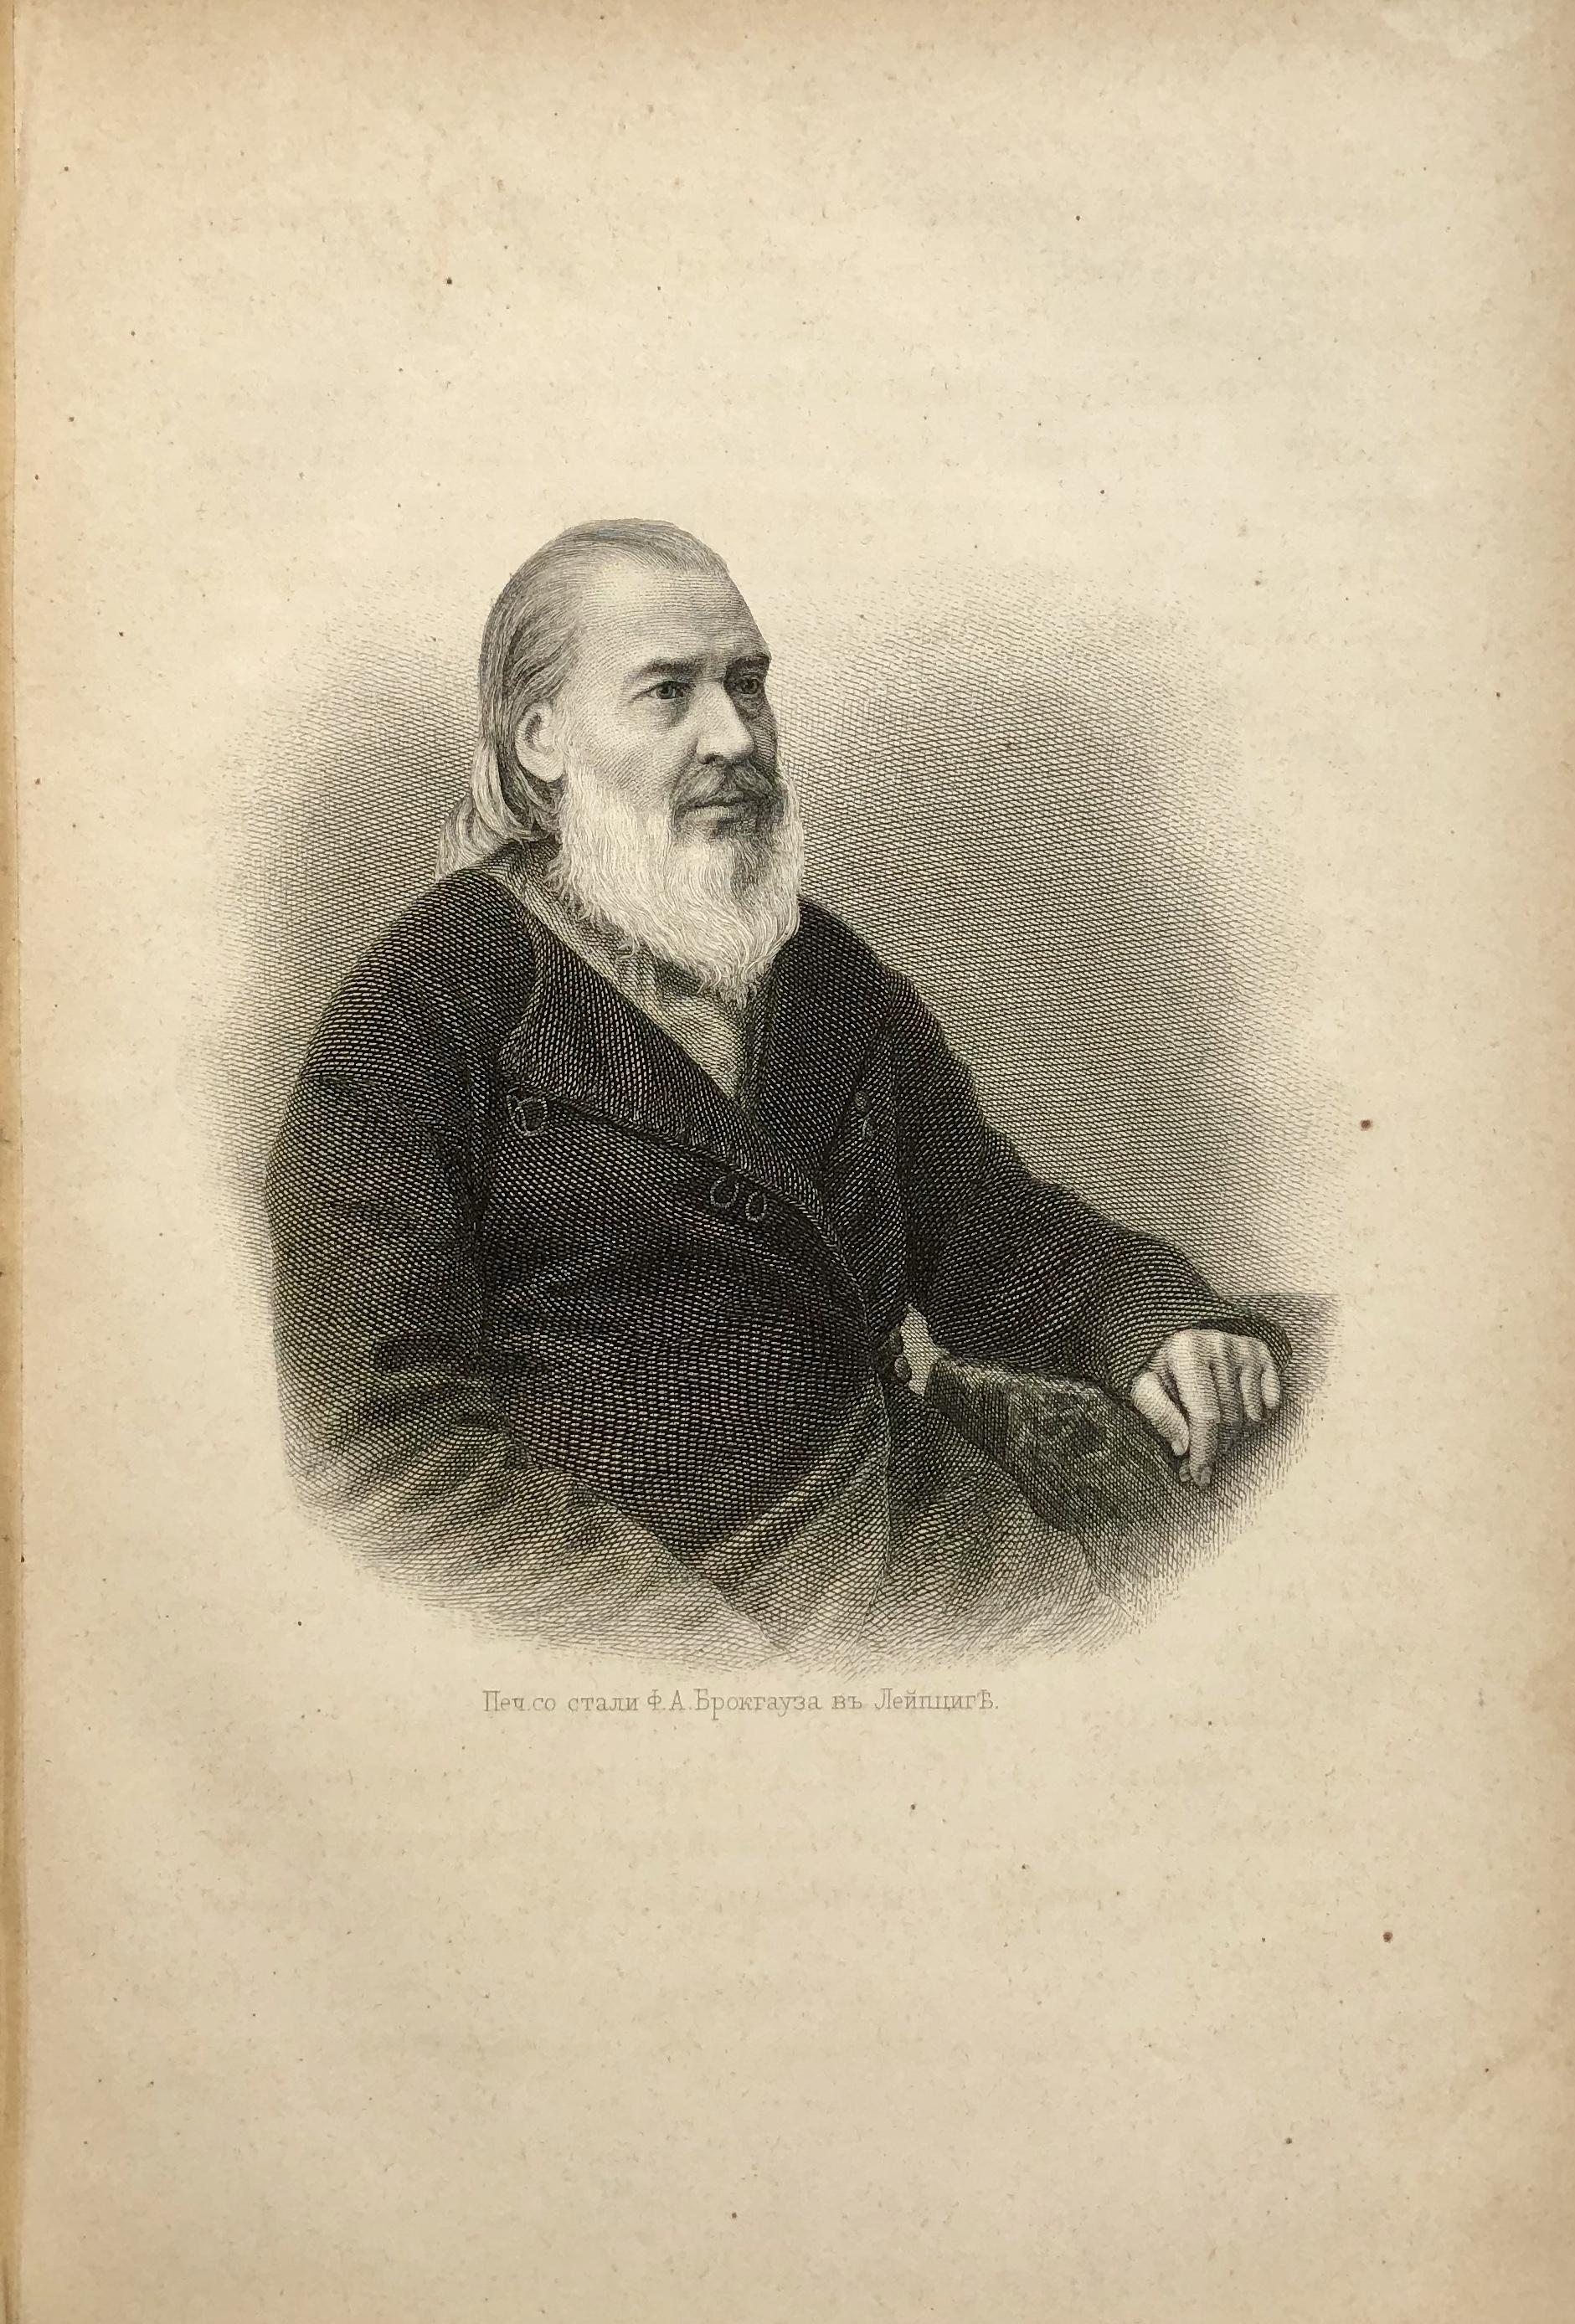 Lot 402 - AKSAKOV, Serge. Œuvres en 6 vol. St.-Pétersbourg: N. Martynov, 1886. 4 vol. in-8°, [...]